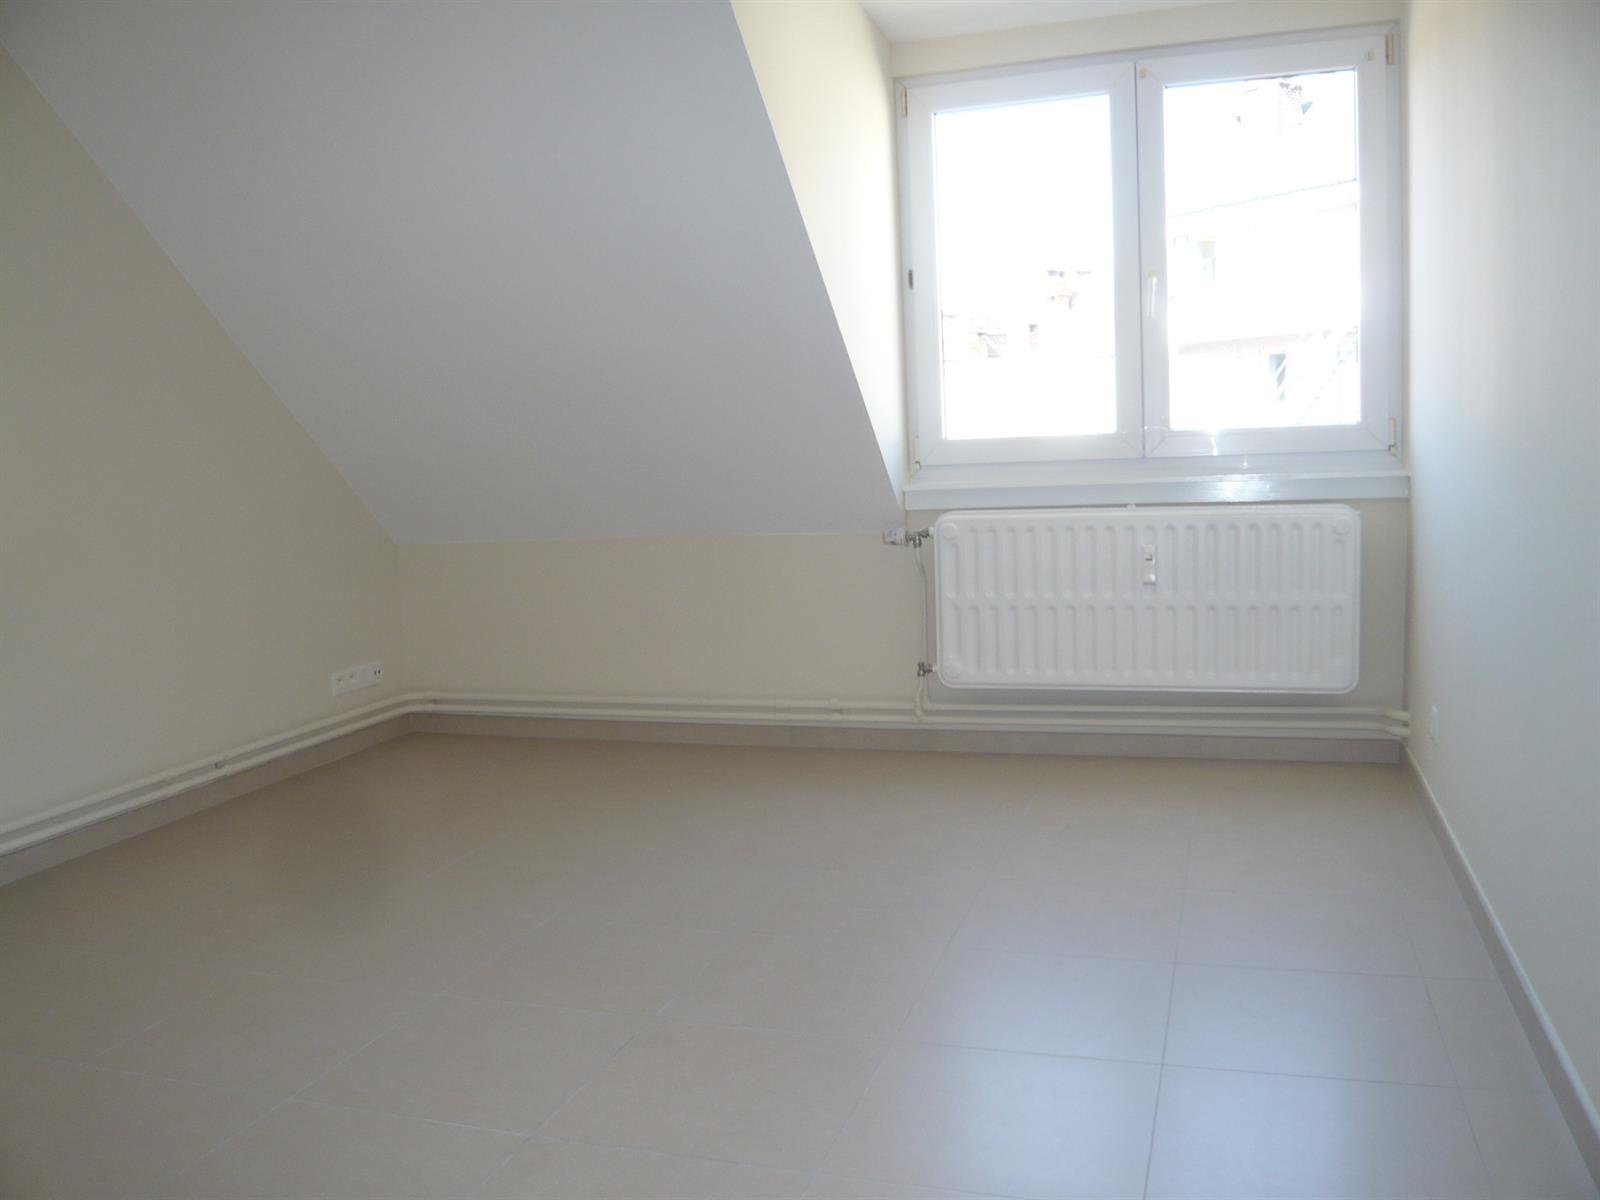 Flat - Woluwe-Saint-Lambert - #4286376-15